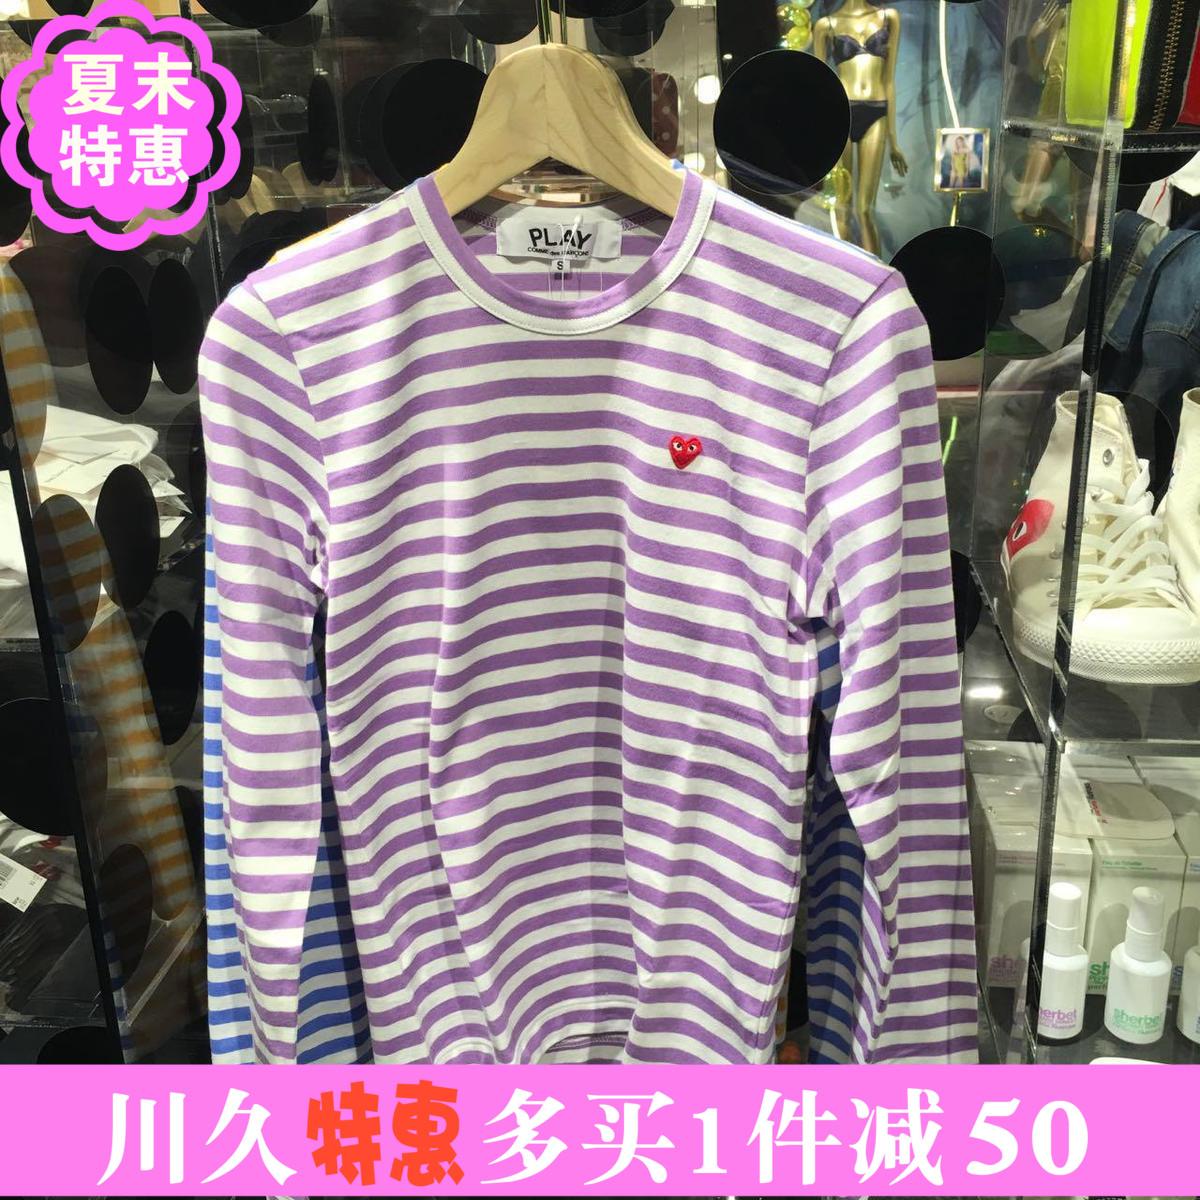 金实佳日本代购 川久保玲CDG PLAY 16年 条纹小红心 长袖T恤 男女